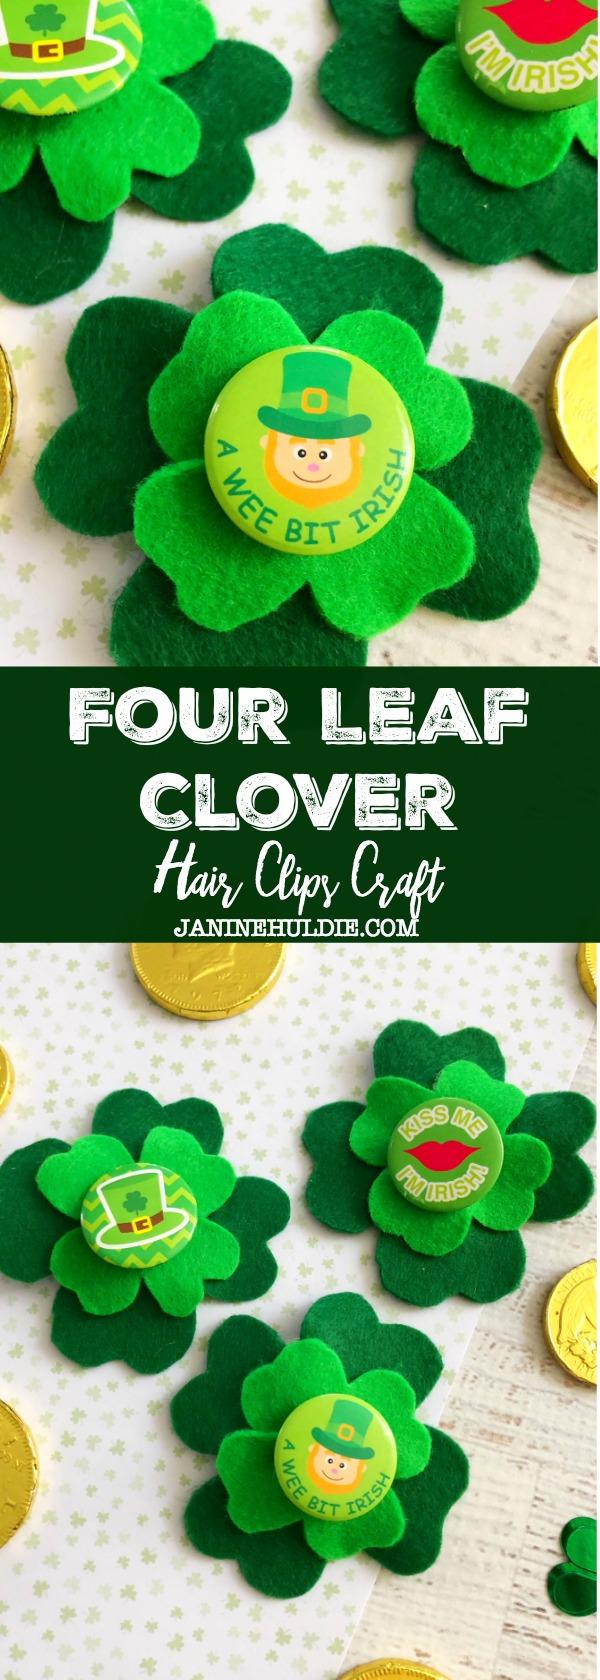 Four Leaf Clover Hair Clips Craft